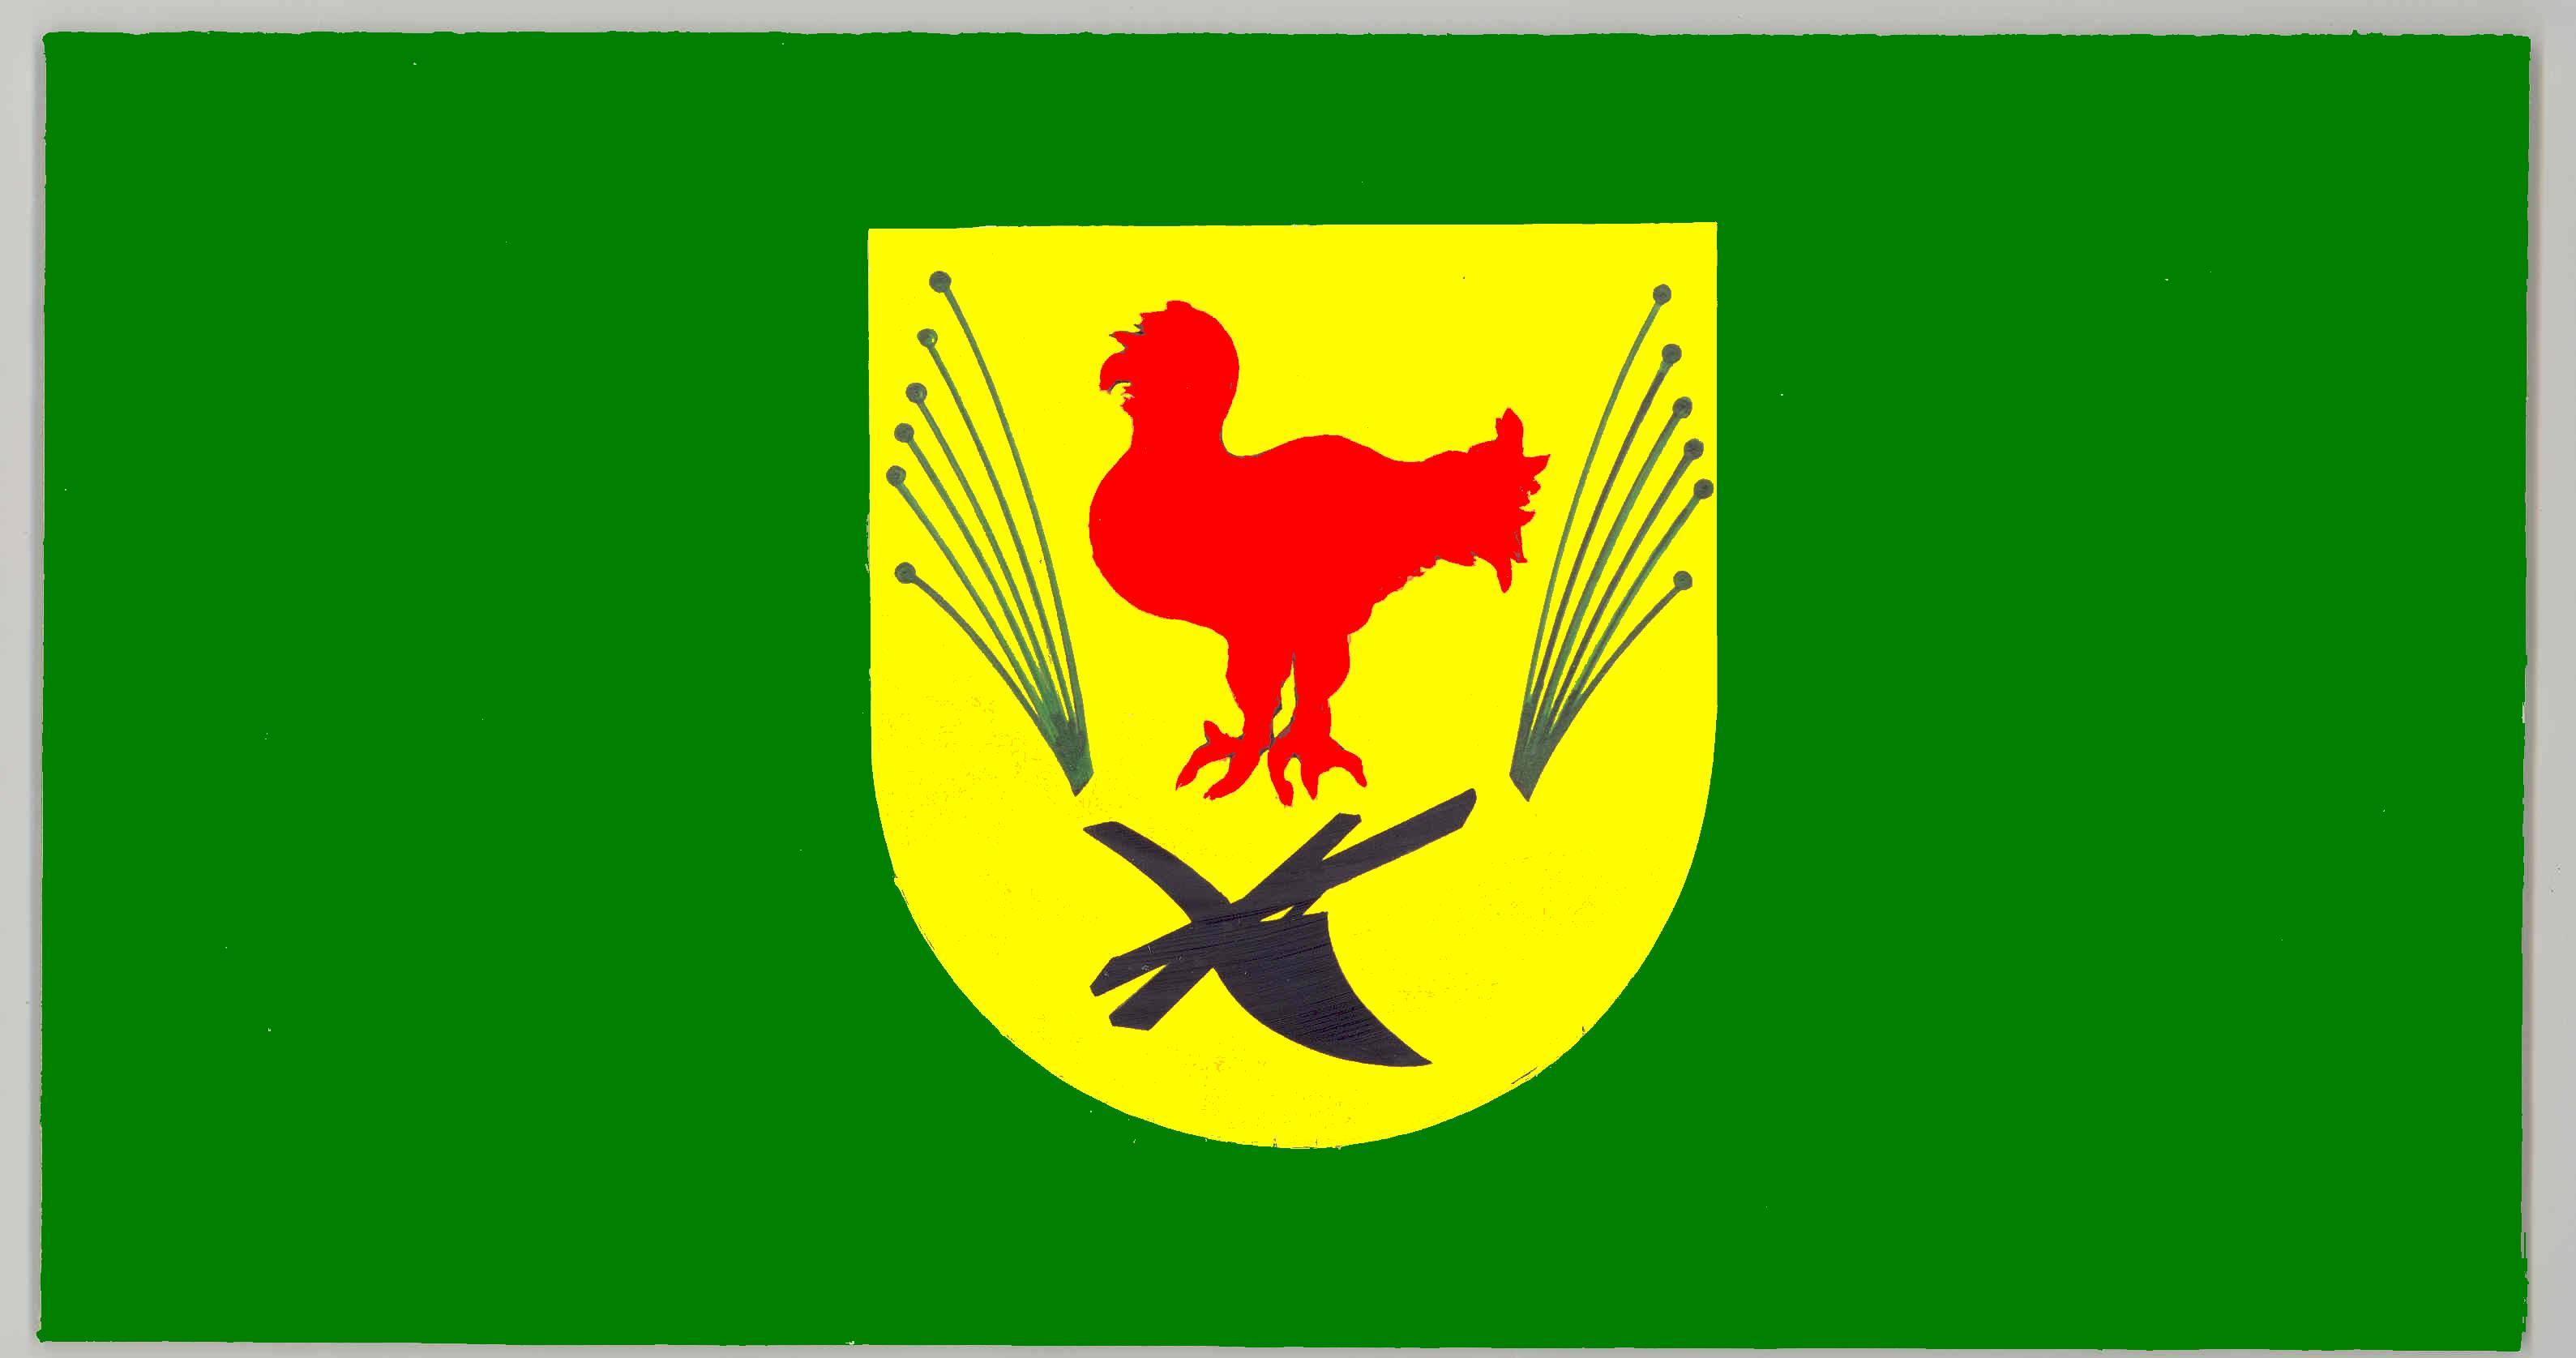 Flagge GemeindeBesenthal, Kreis Herzogtum Lauenburg